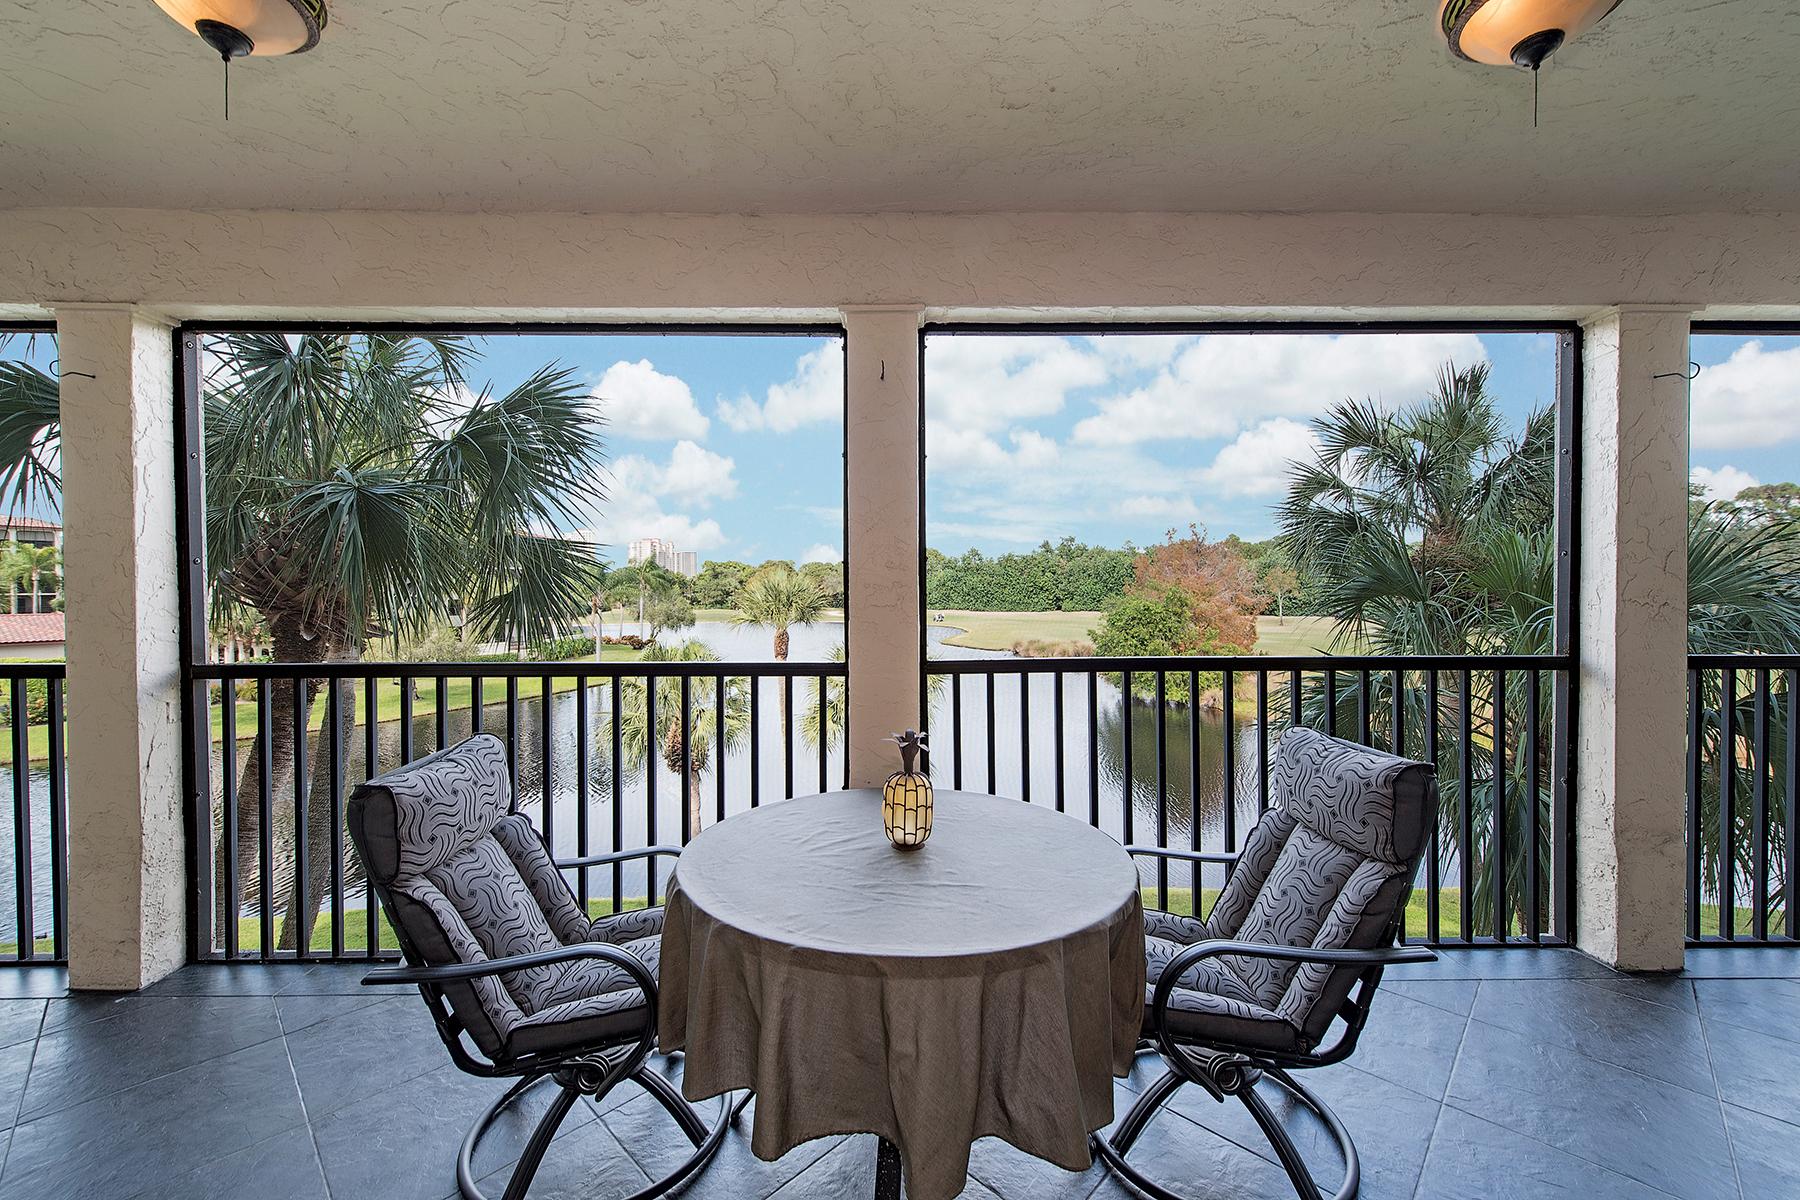 Кооперативная квартира для того Продажа на PELICAN BAY - CHATEAUMERE 6020 Pelican Bay Blvd E-203 Naples, Флорида, 34108 Соединенные Штаты